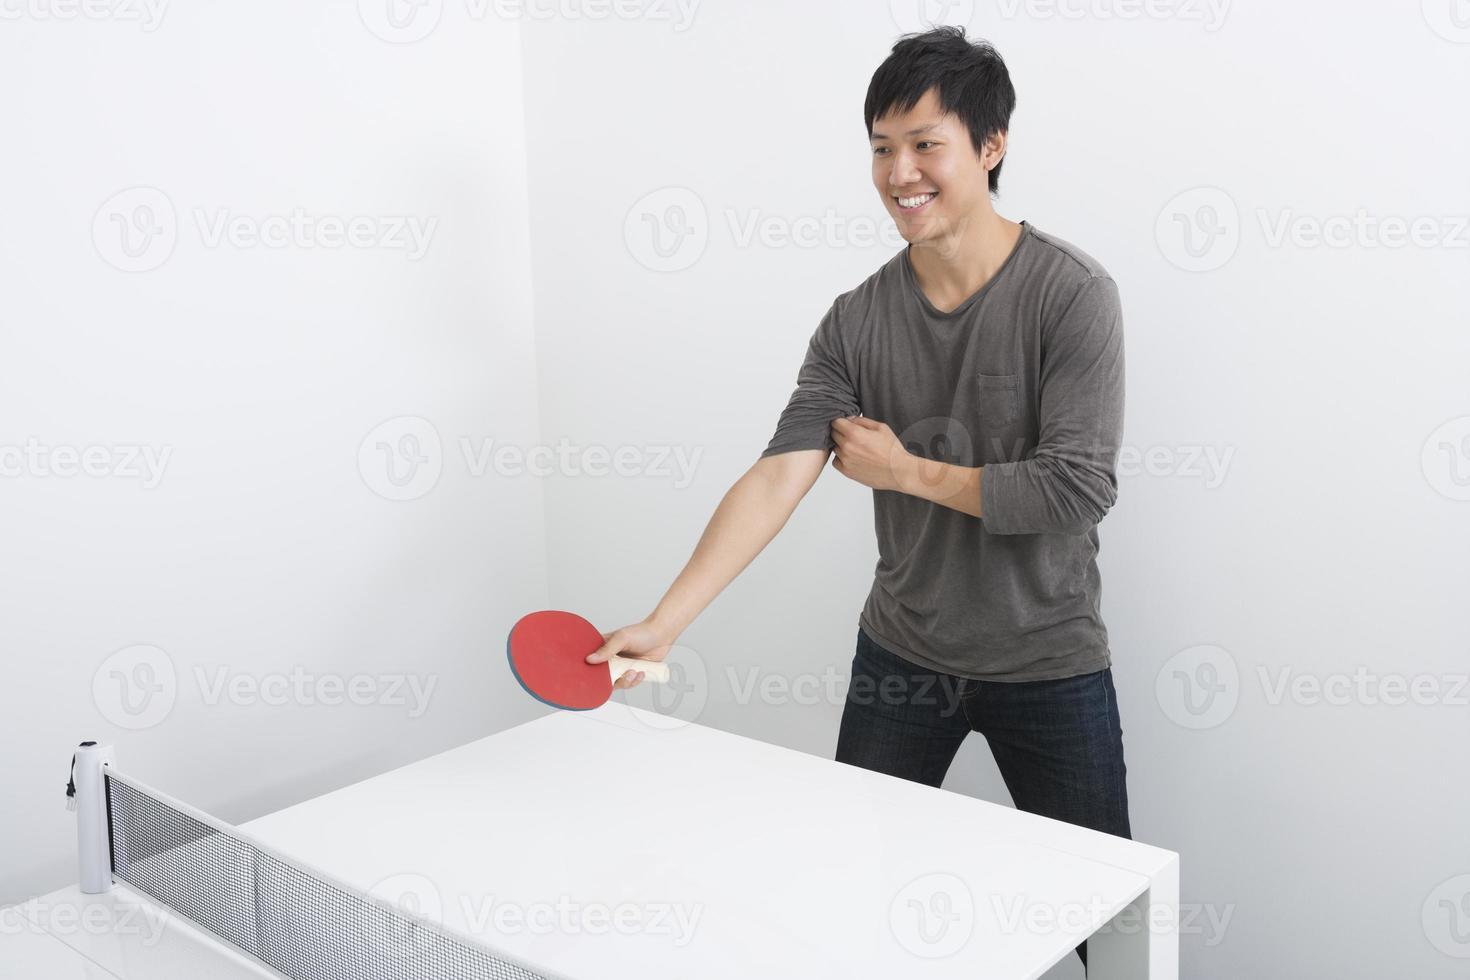 beau, mi homme adulte, jouer, tennis table photo